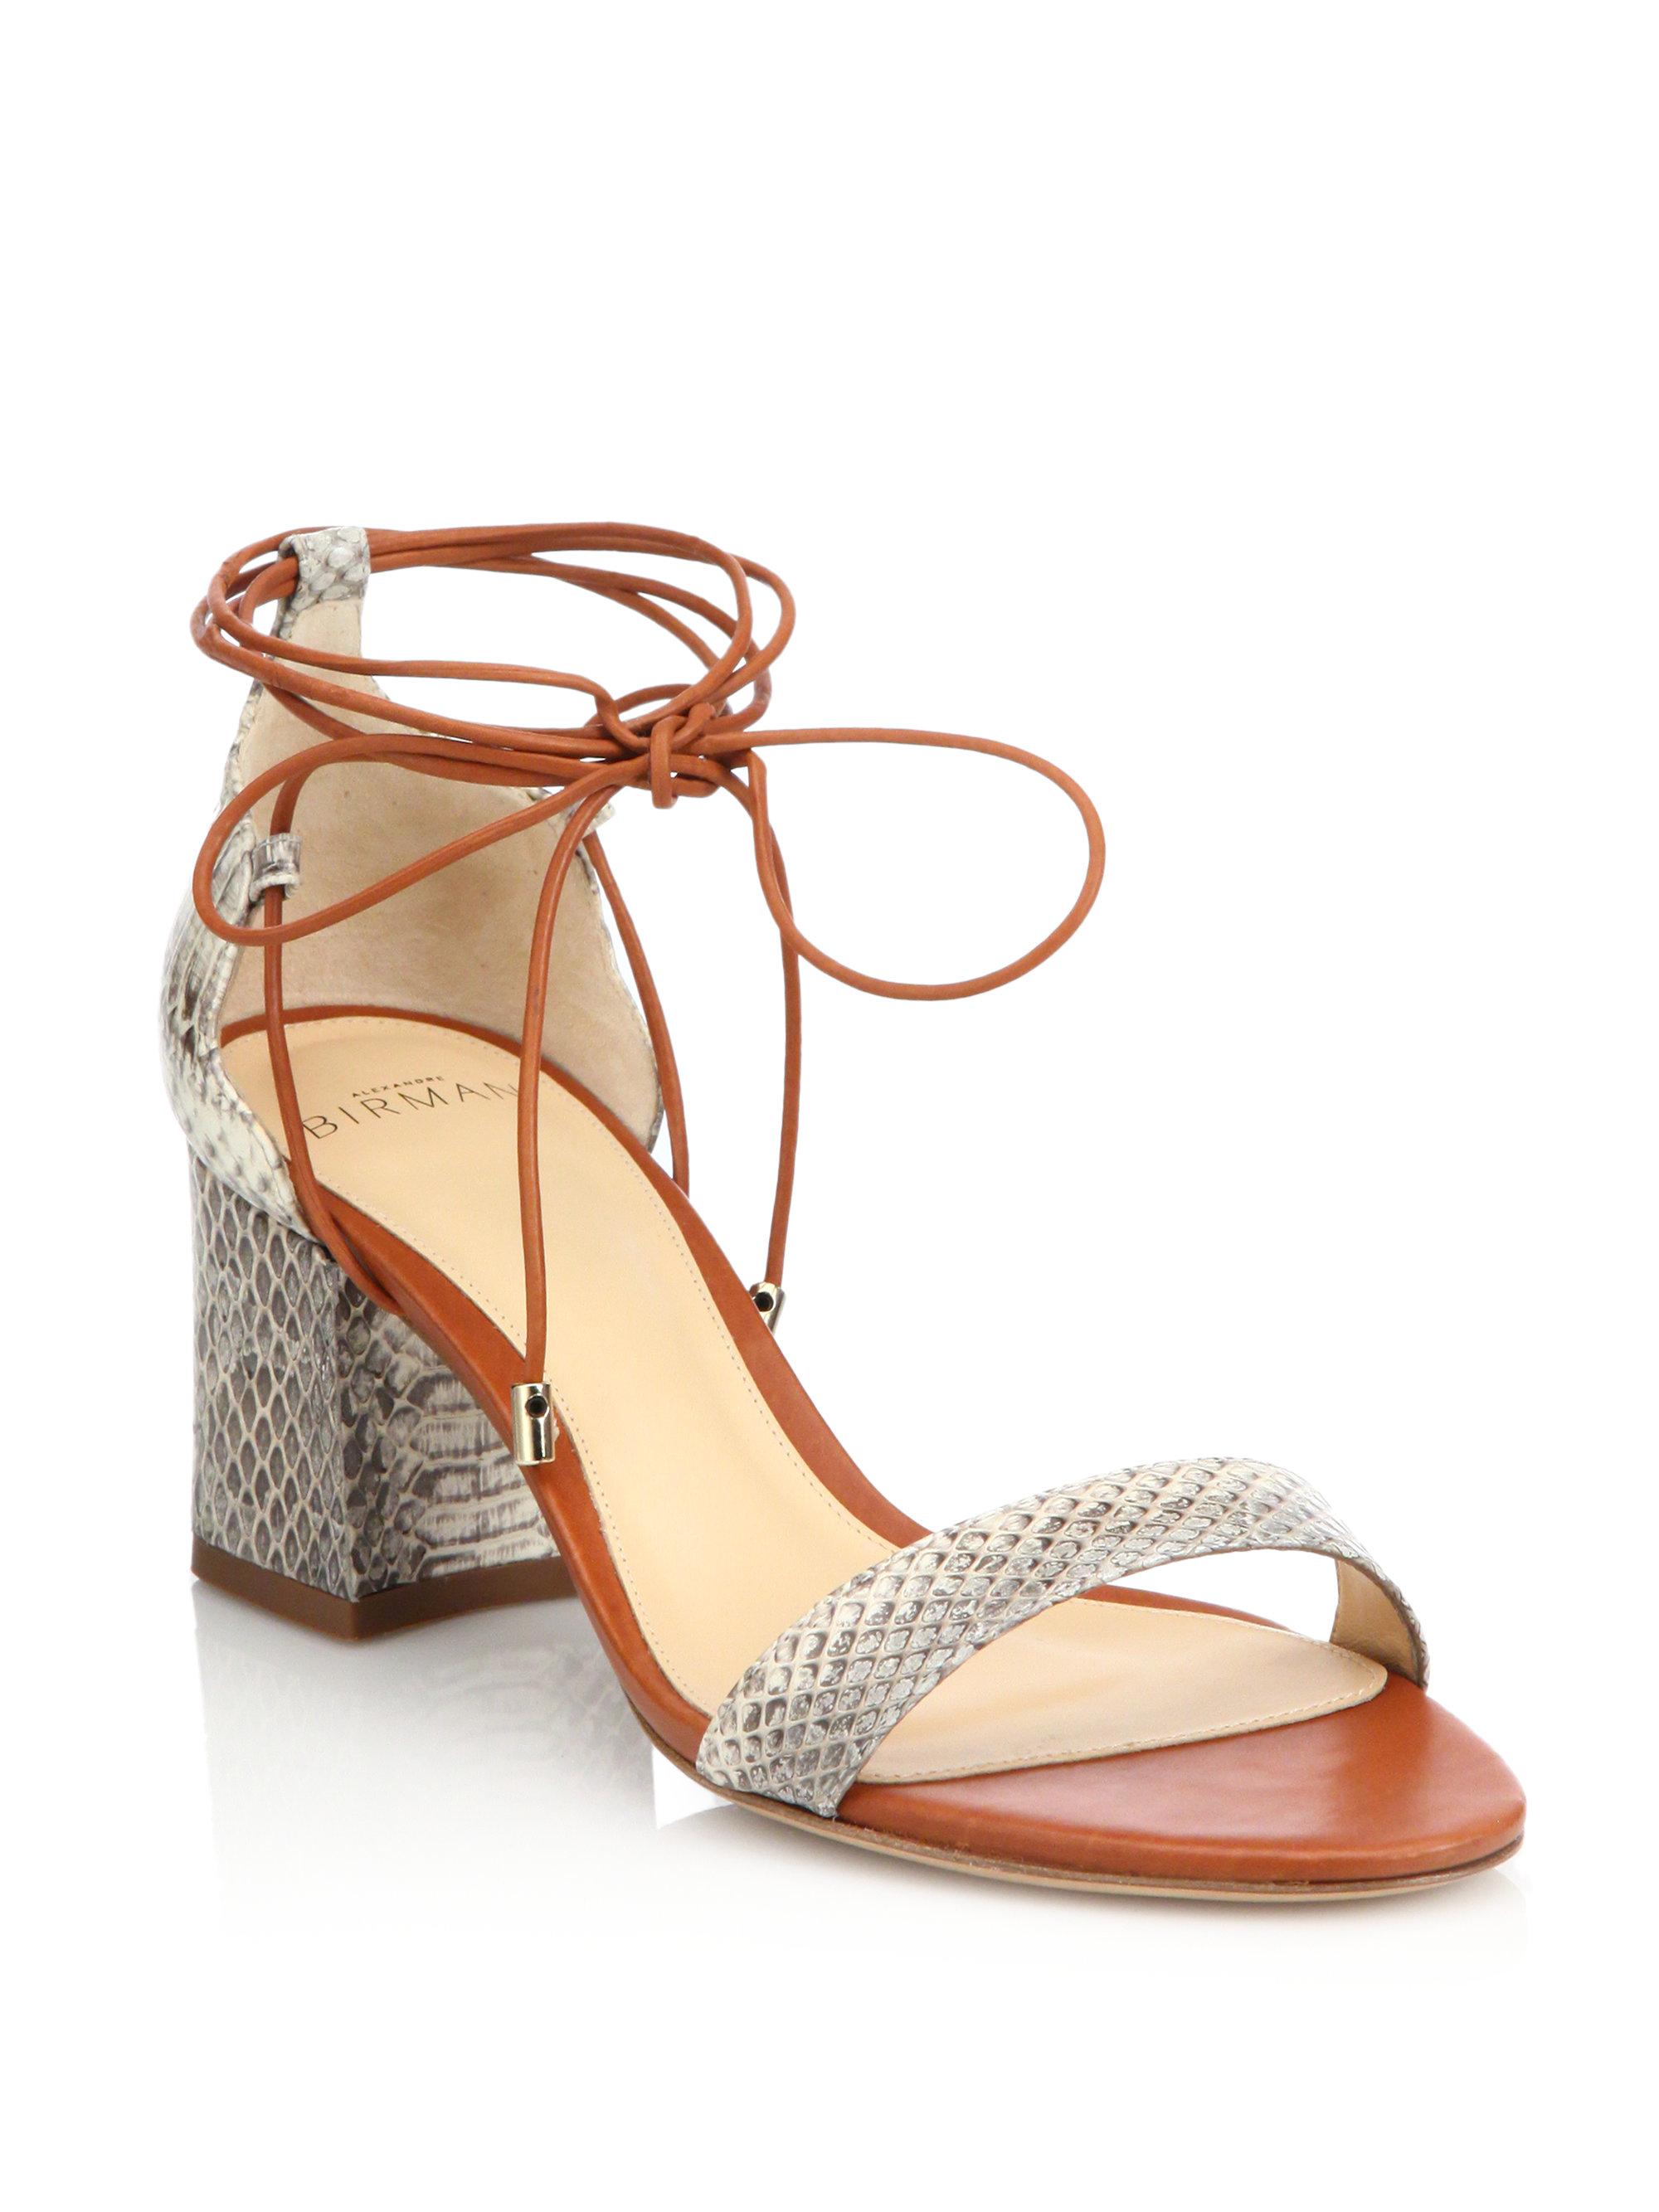 discount 2014 newest Alexandre Birman Python-Trimmed Cutout Sandals cheap sale visa payment cheap discount 6ZTjP